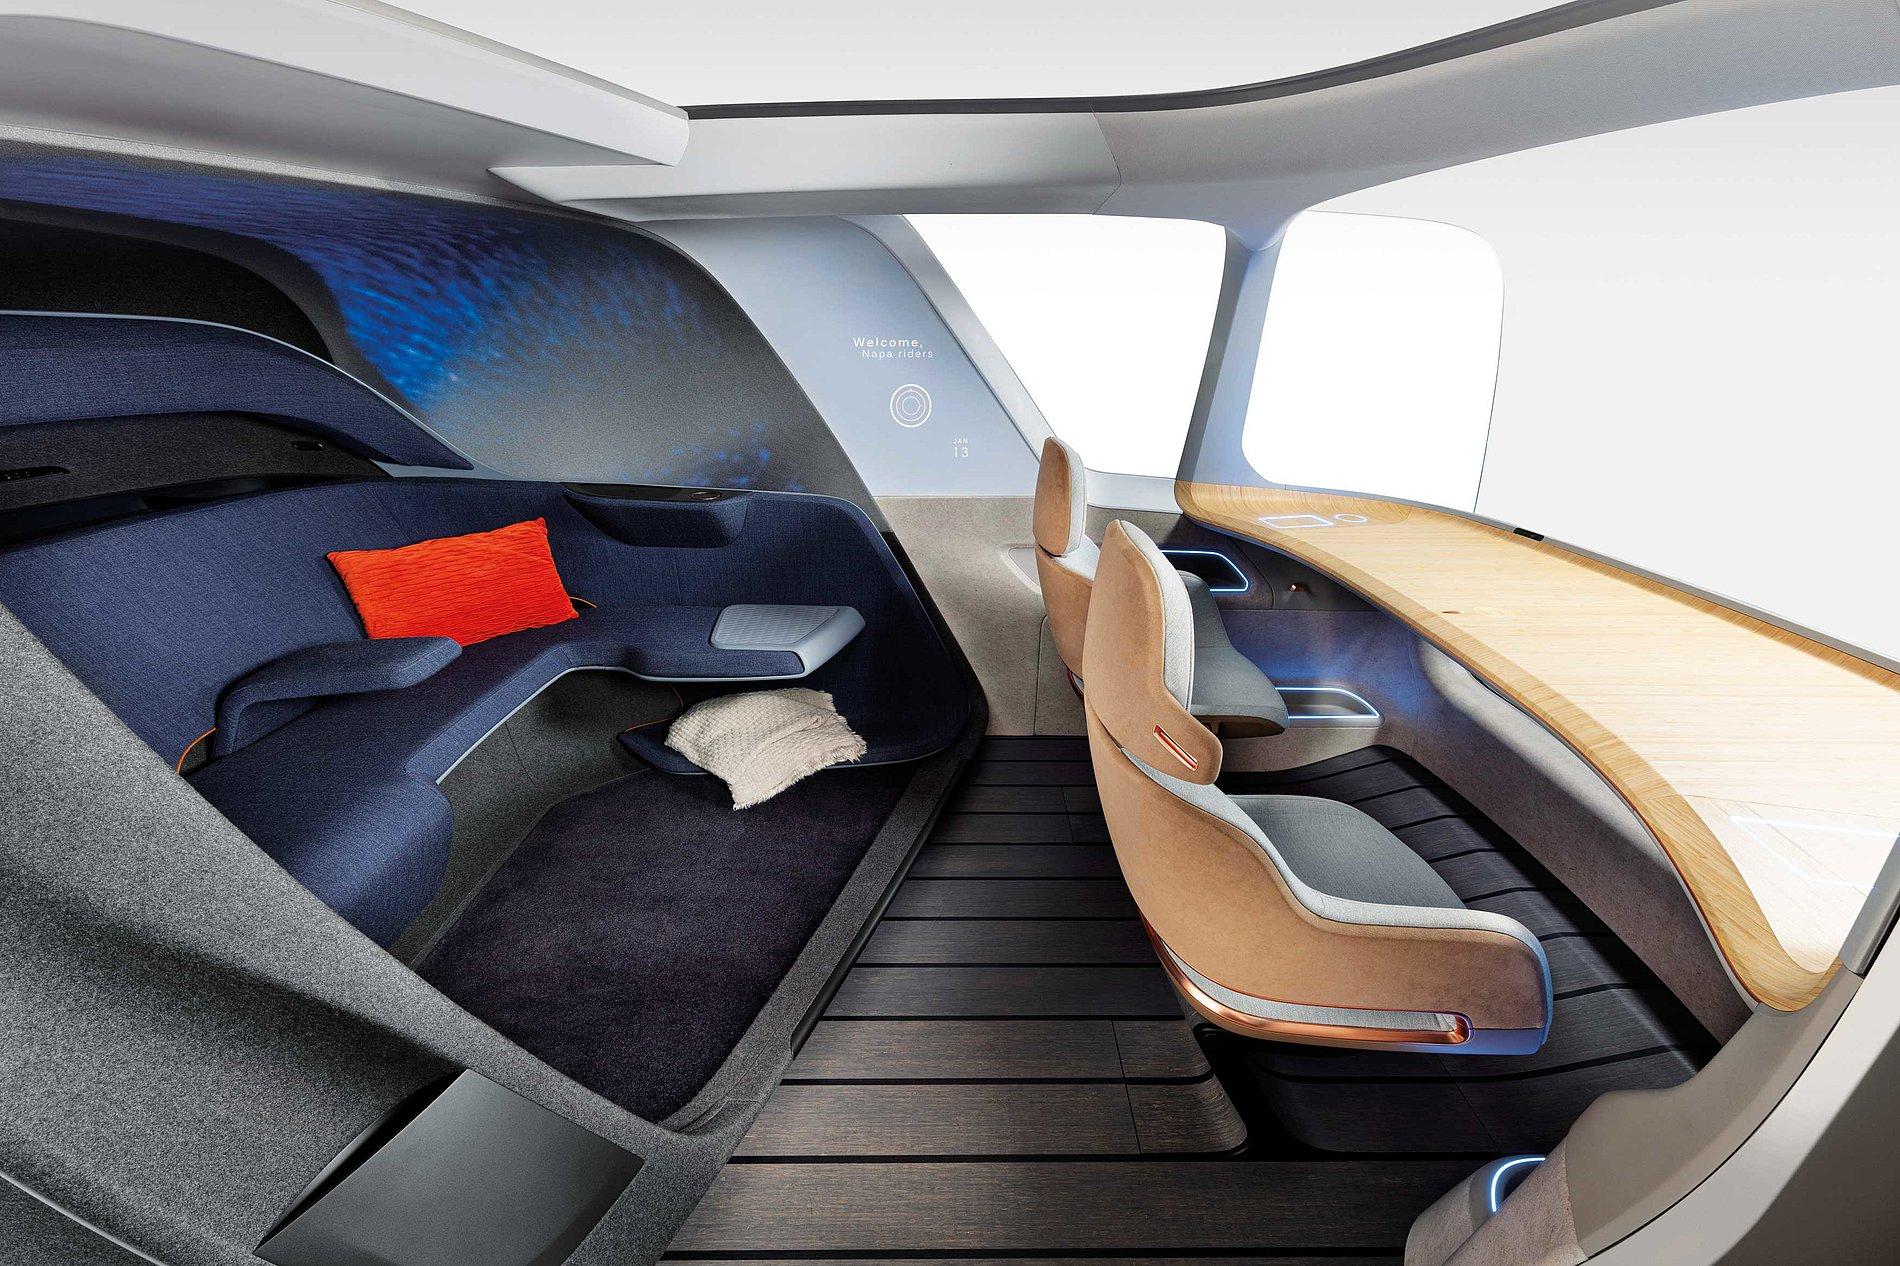 XiM20 - An Autonomous Ride-Share Interior | Red Dot Design Award